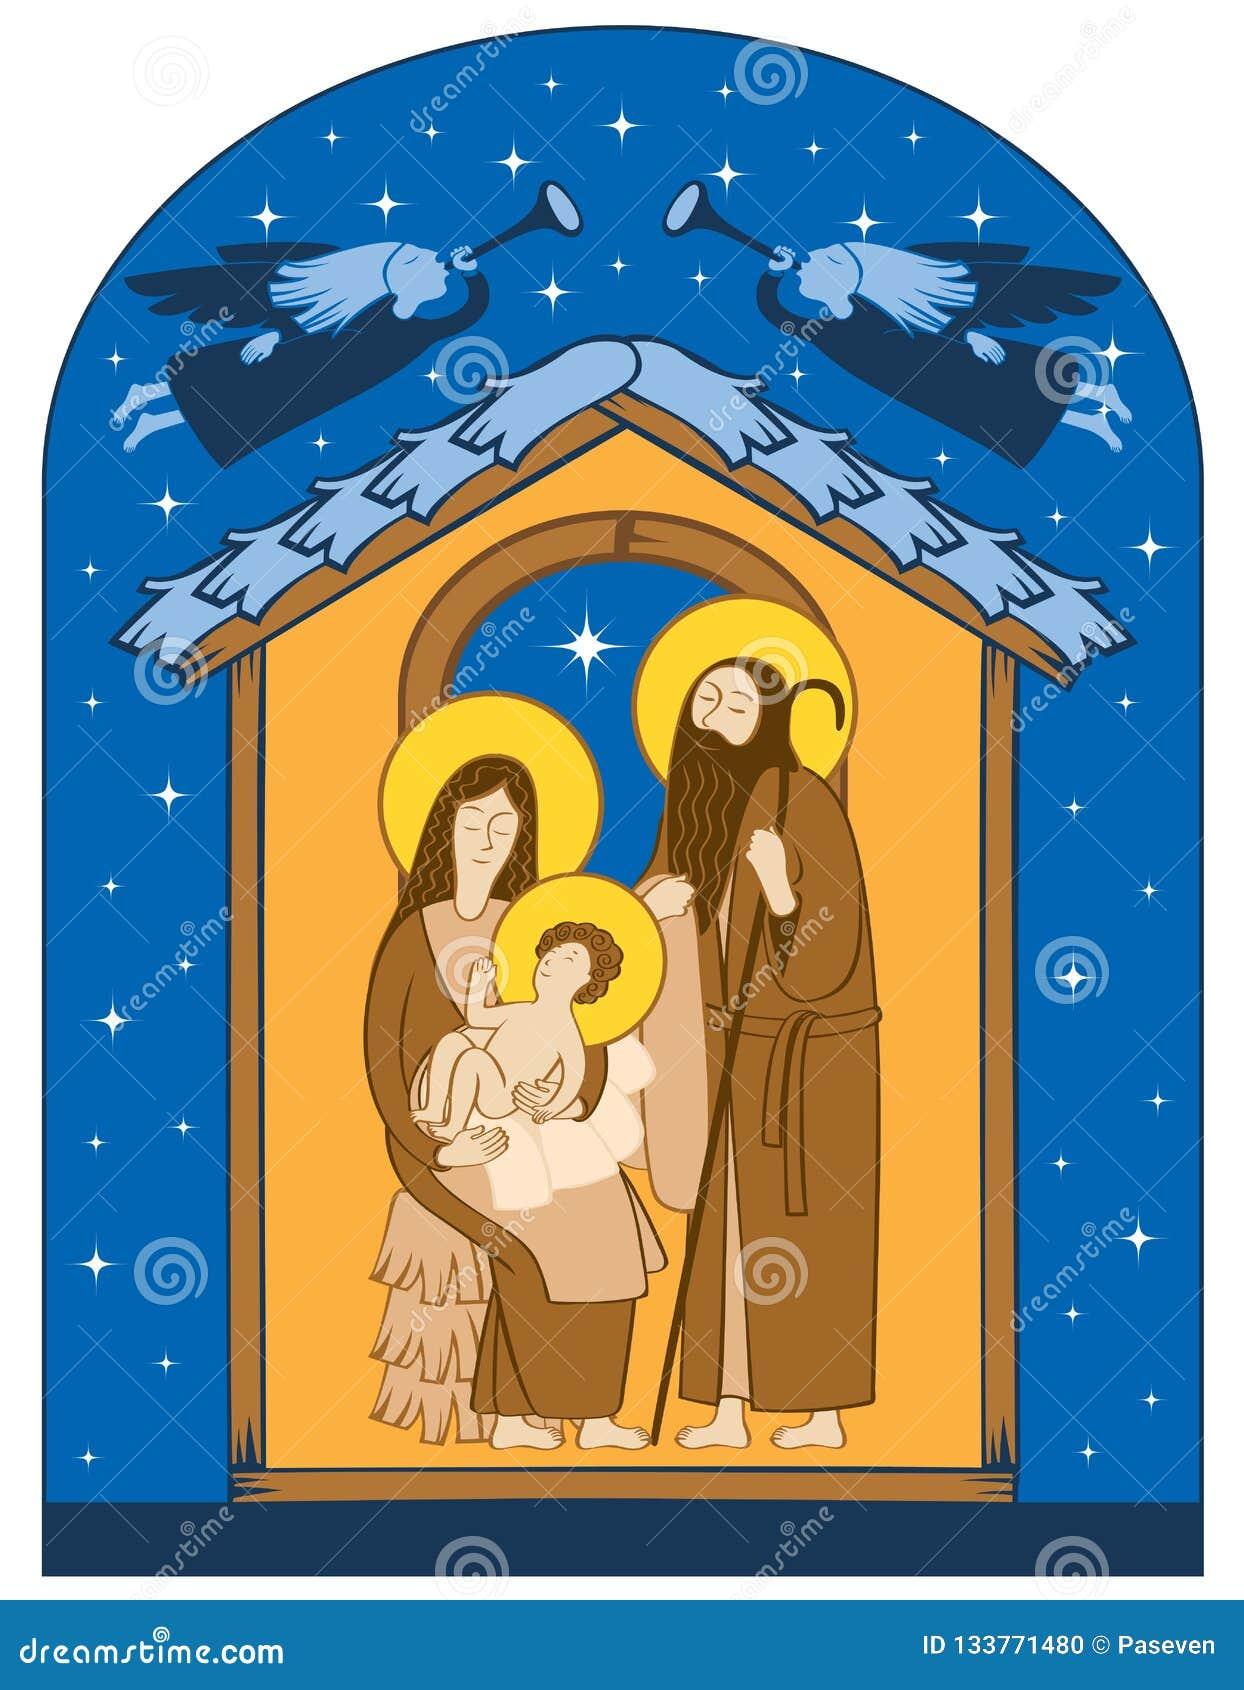 Nativita Natale Immagini.Scena Di Nativita Di Natale Famiglia Santa Ed Angeli